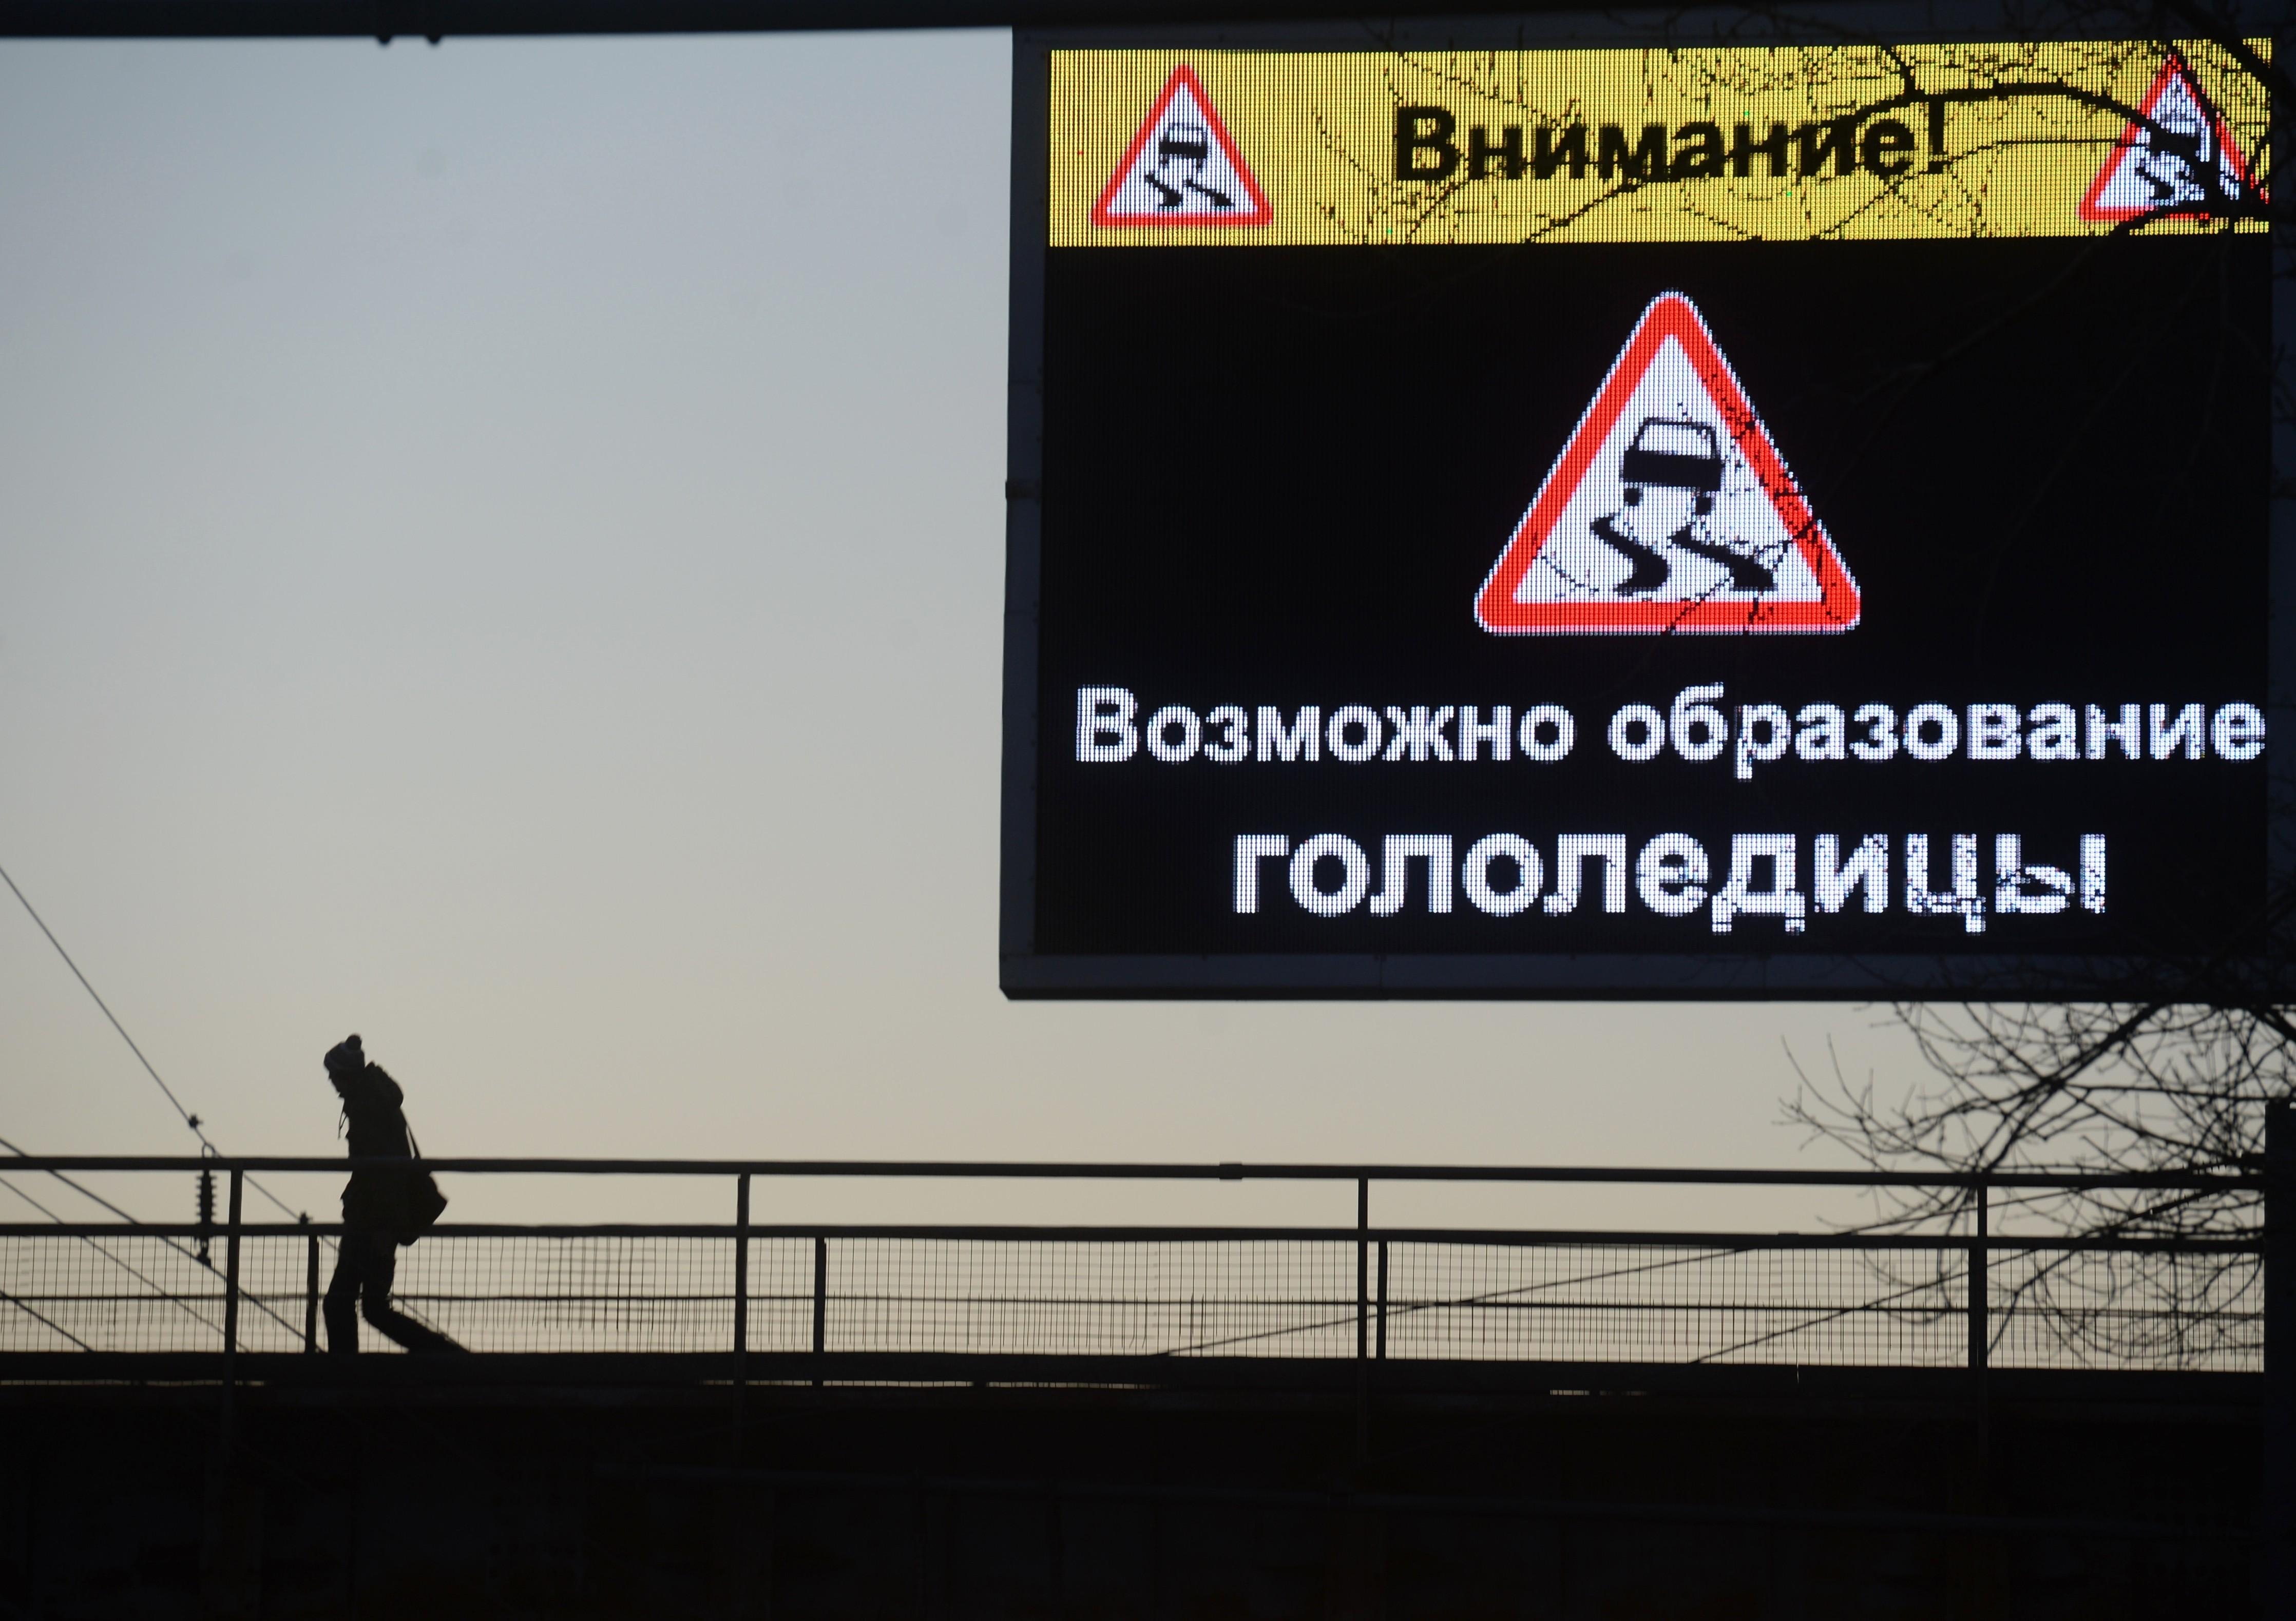 <p><span>Фото: &copy; РИА Новости/</span>Кирилл Каллиников</p>